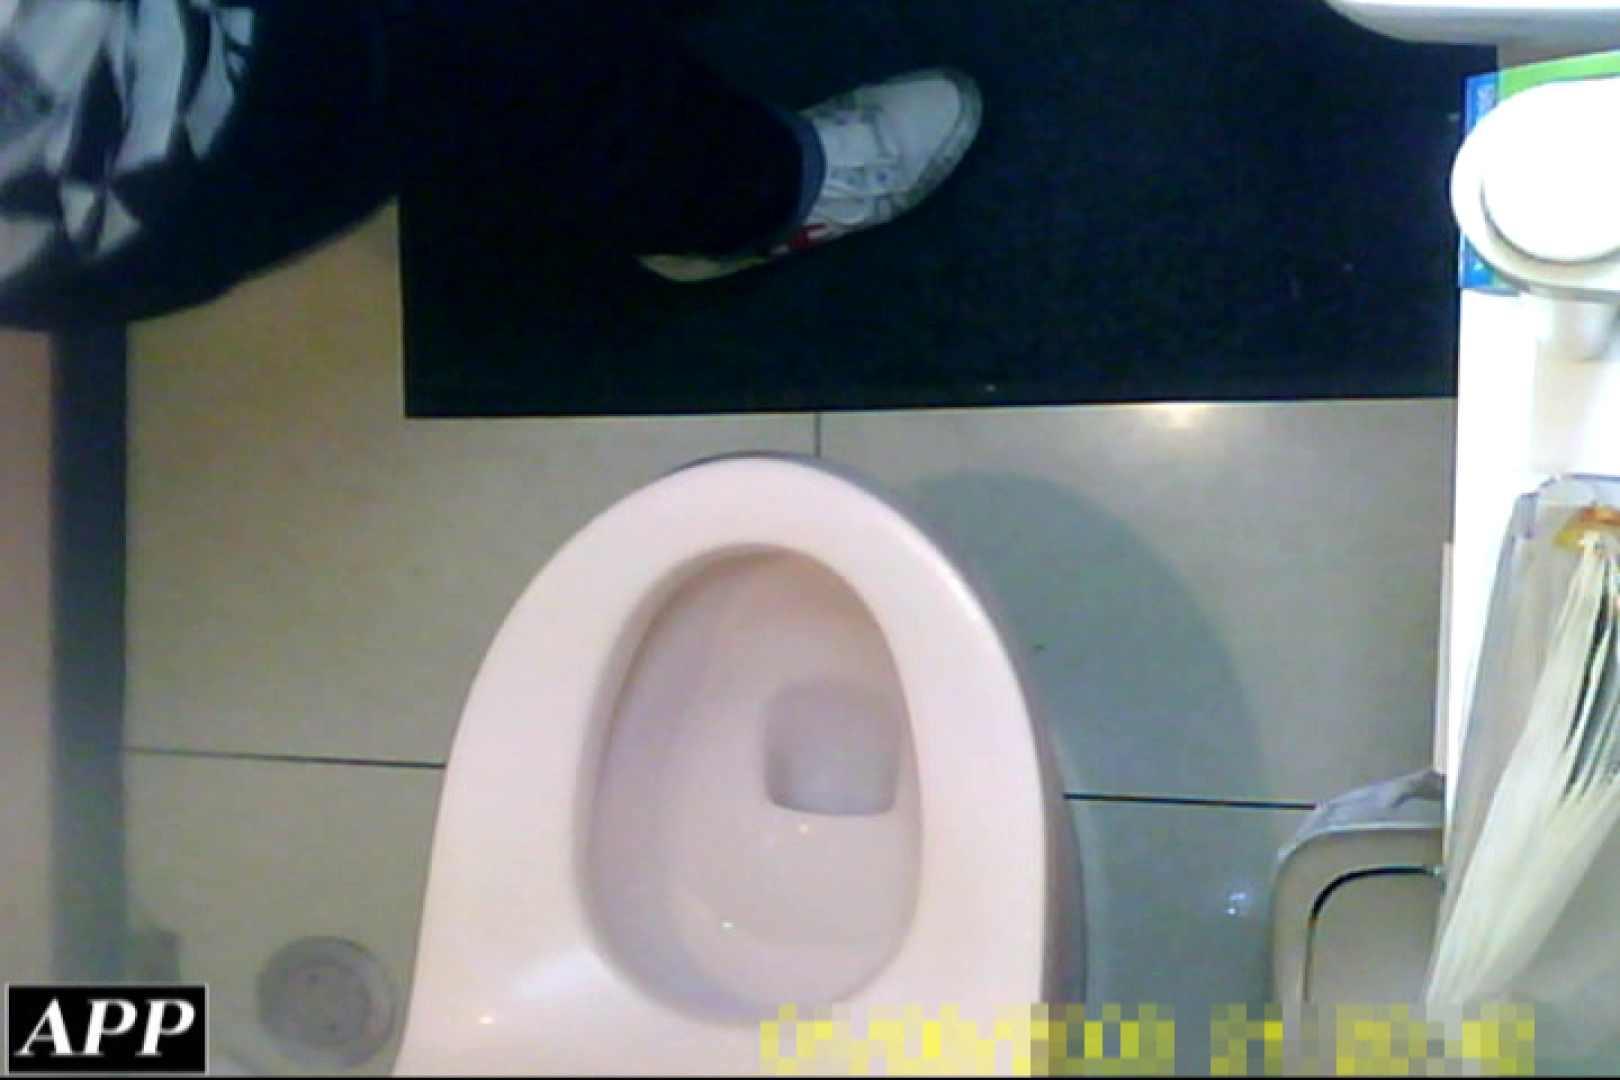 3視点洗面所 vol.13 オマンコ・ぱっくり セックス画像 46画像 19